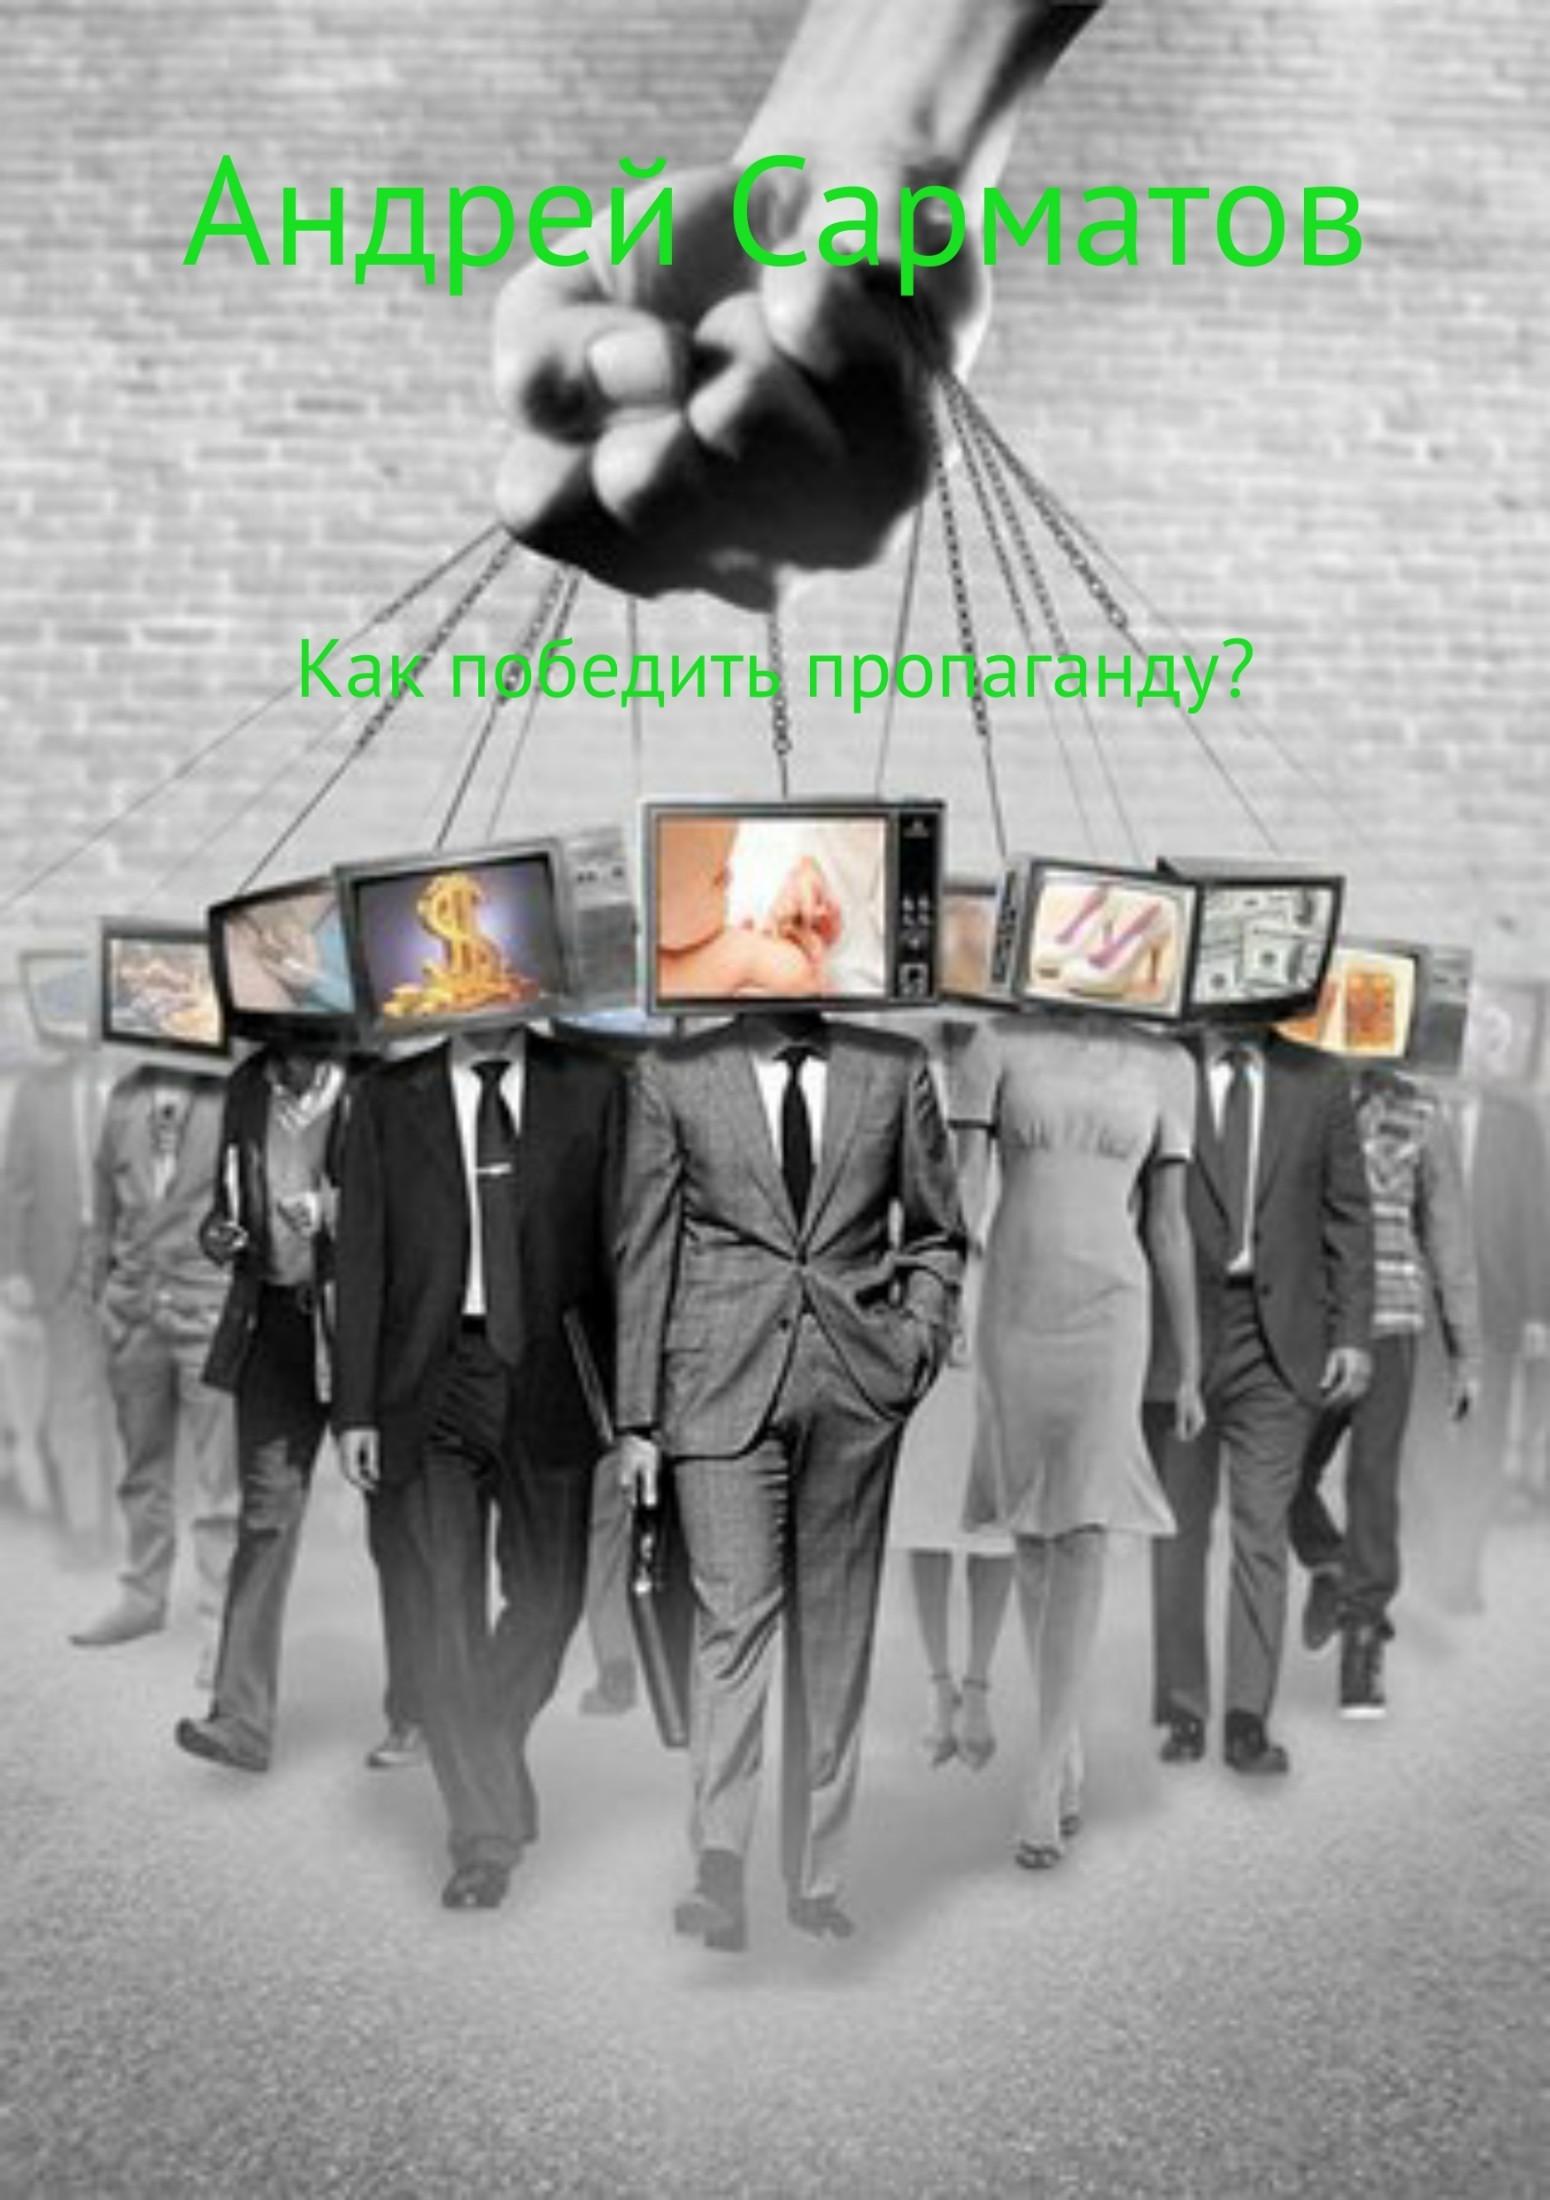 Как победить пропаганду?